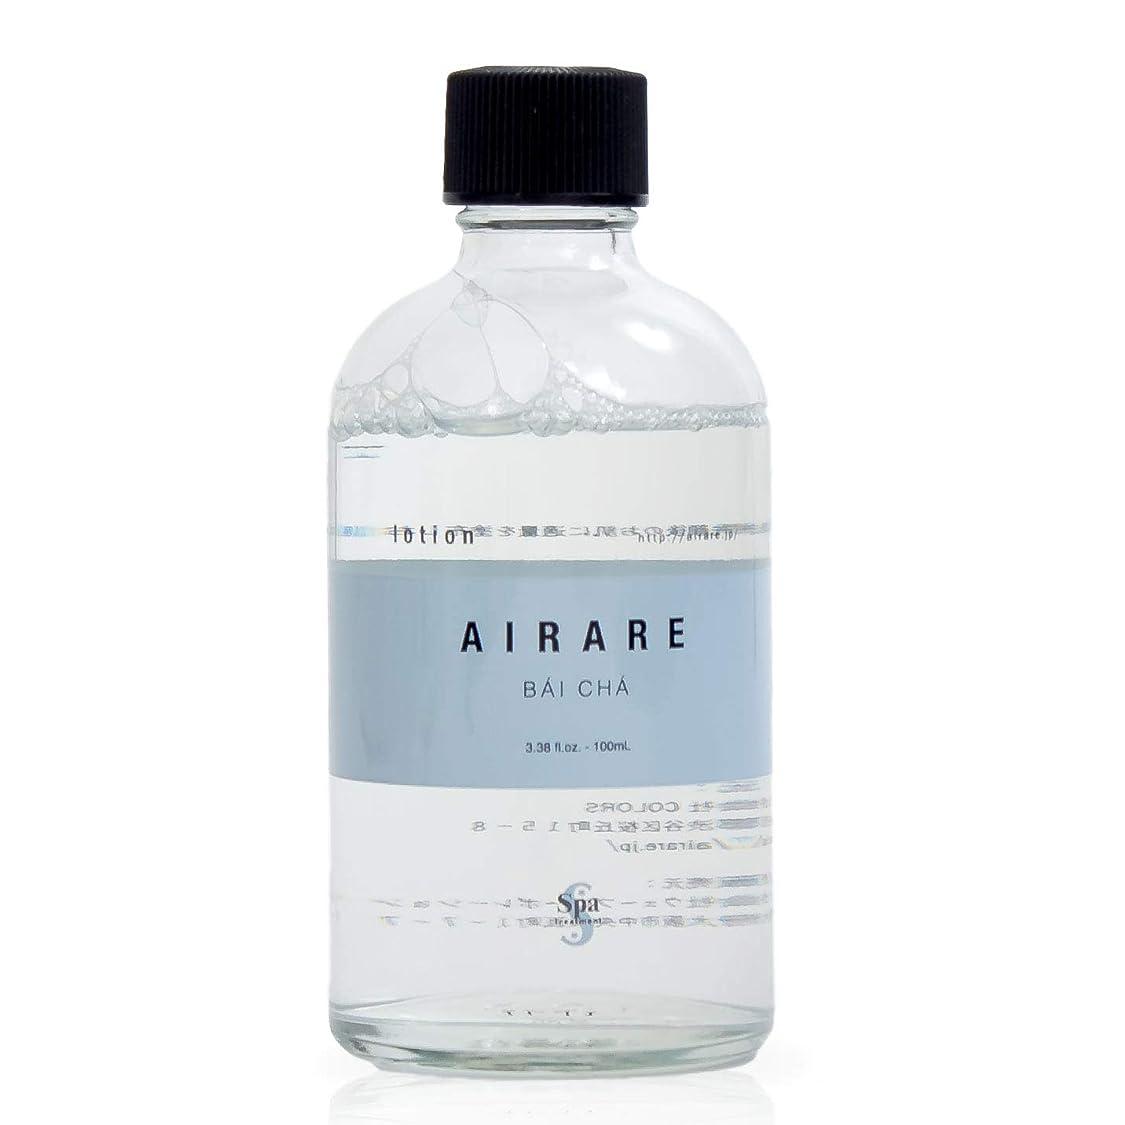 味付けホールと闘うアール ローション 化粧水 AIRARE BAICHA 白茶と豊富なアルプスのミネラルを配合